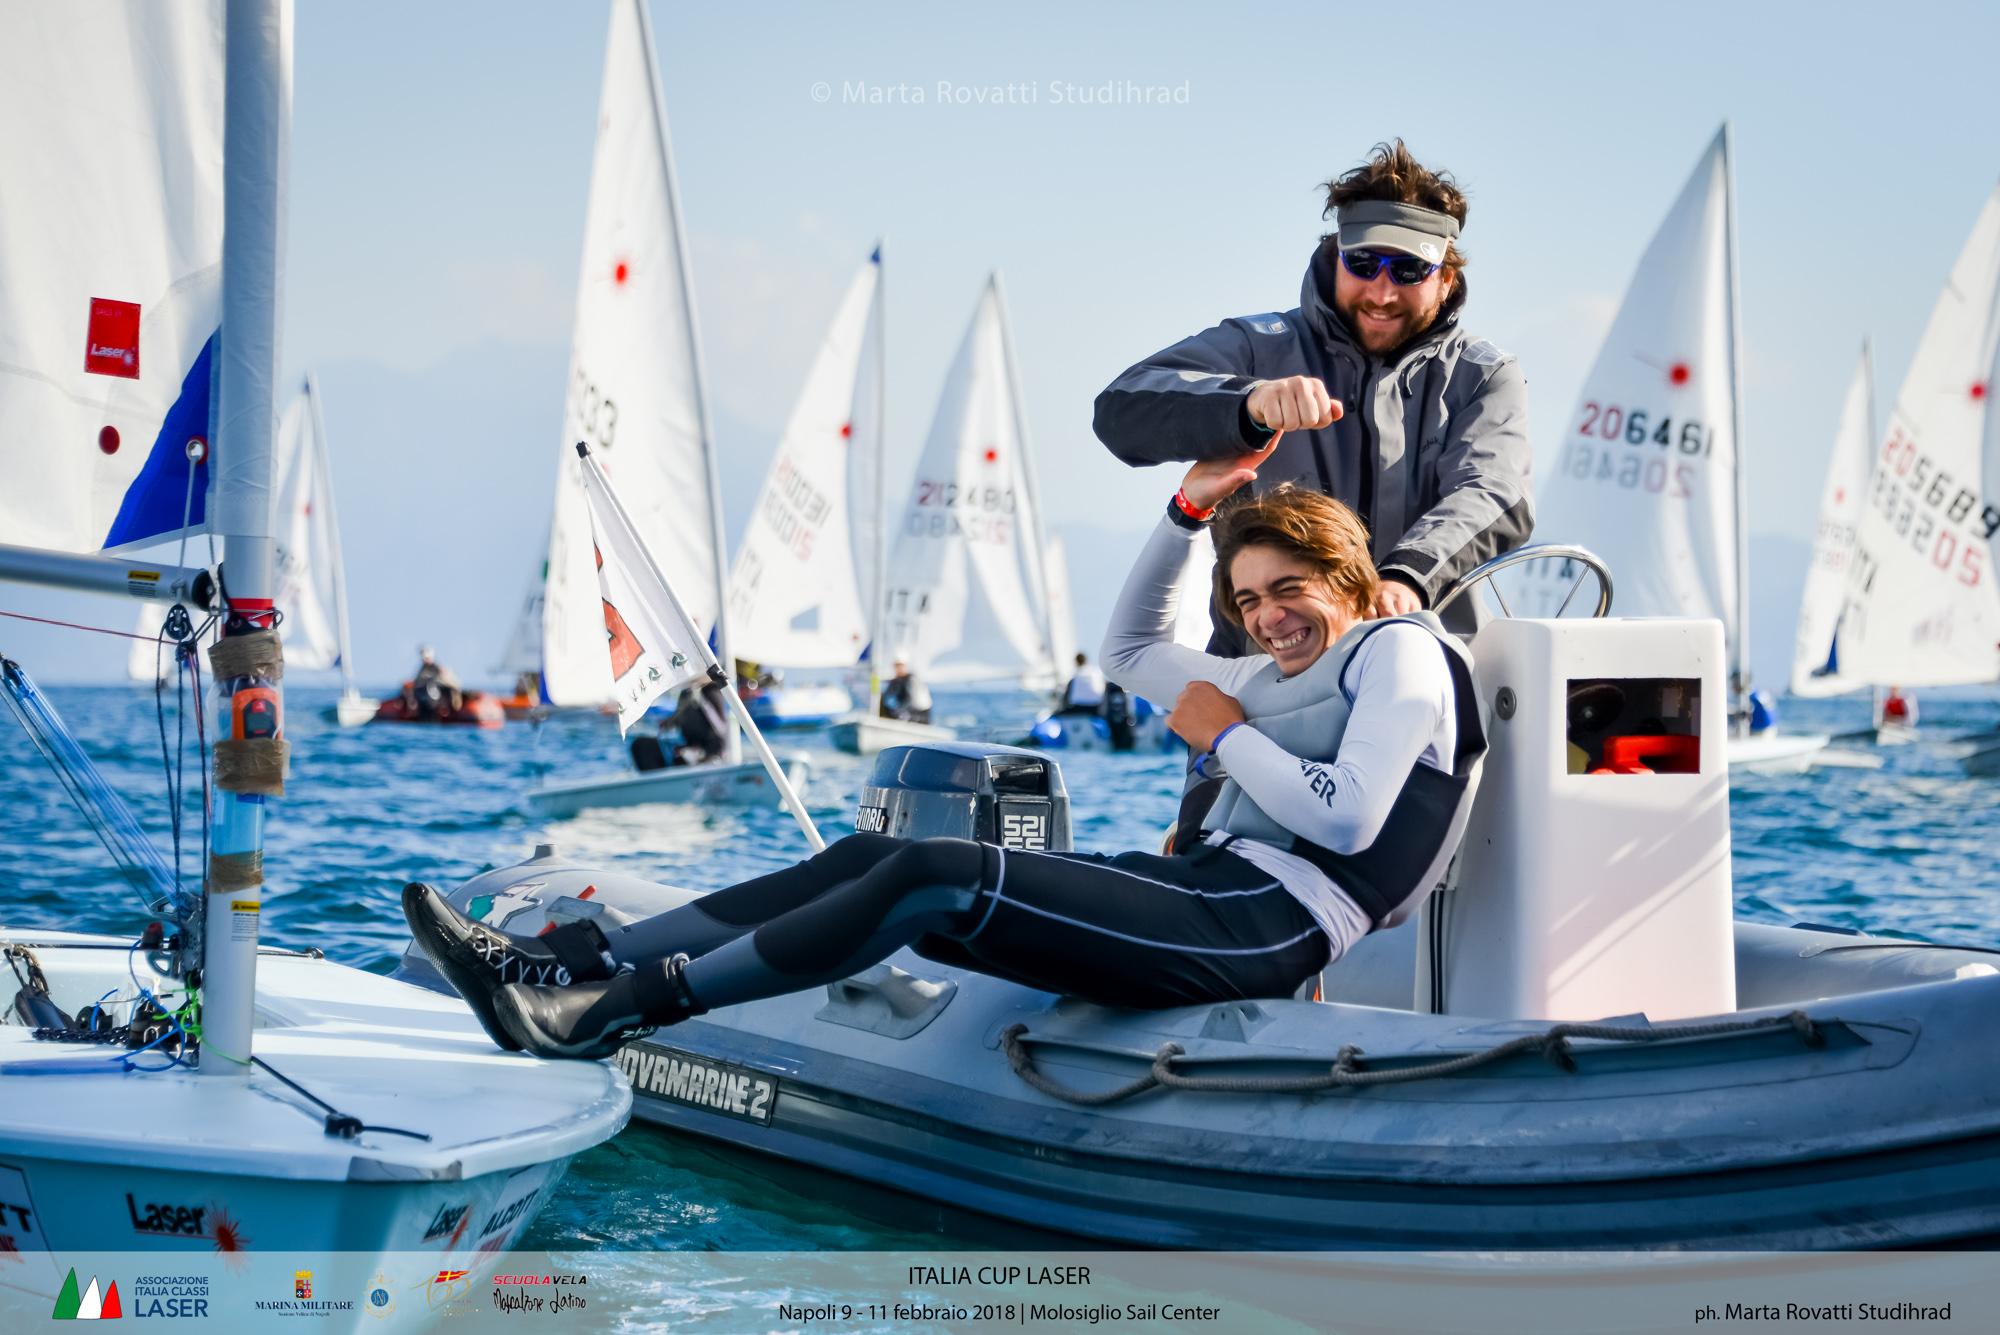 Associazione-Italia-Classi-Laser-2018-NapoliMGR_9952